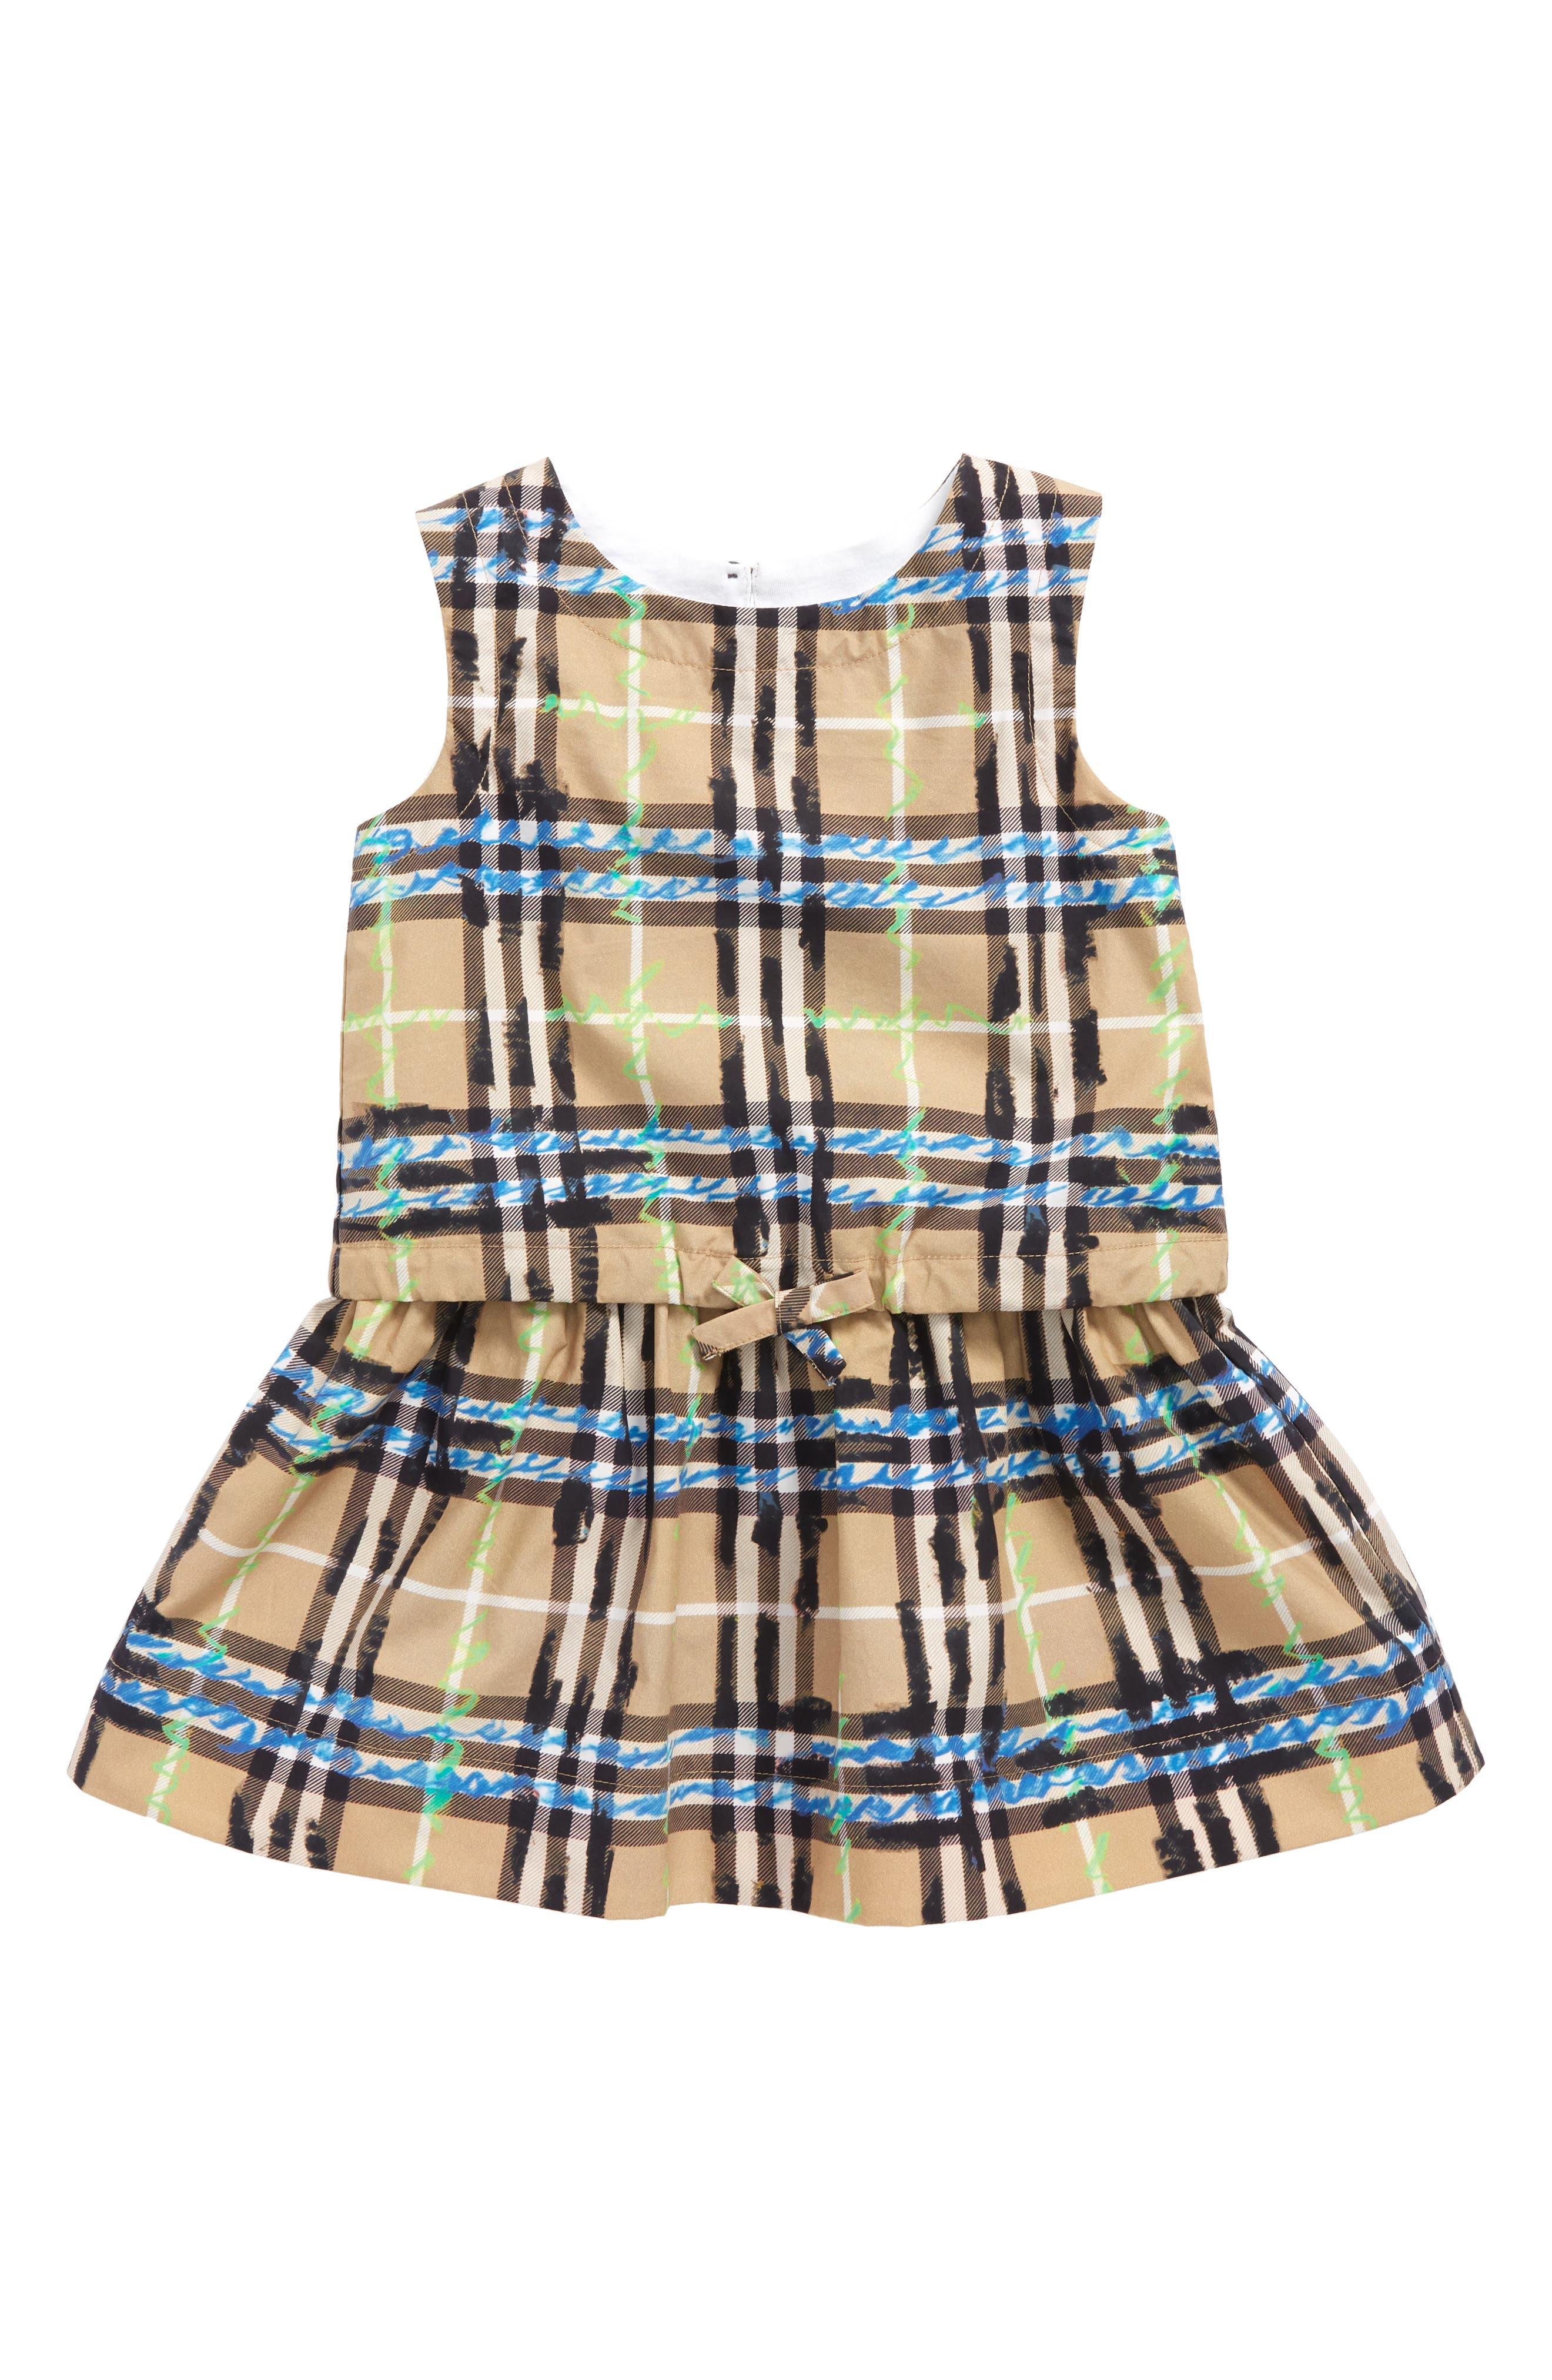 Mabel Check Dress,                             Main thumbnail 1, color,                             Bright Blue